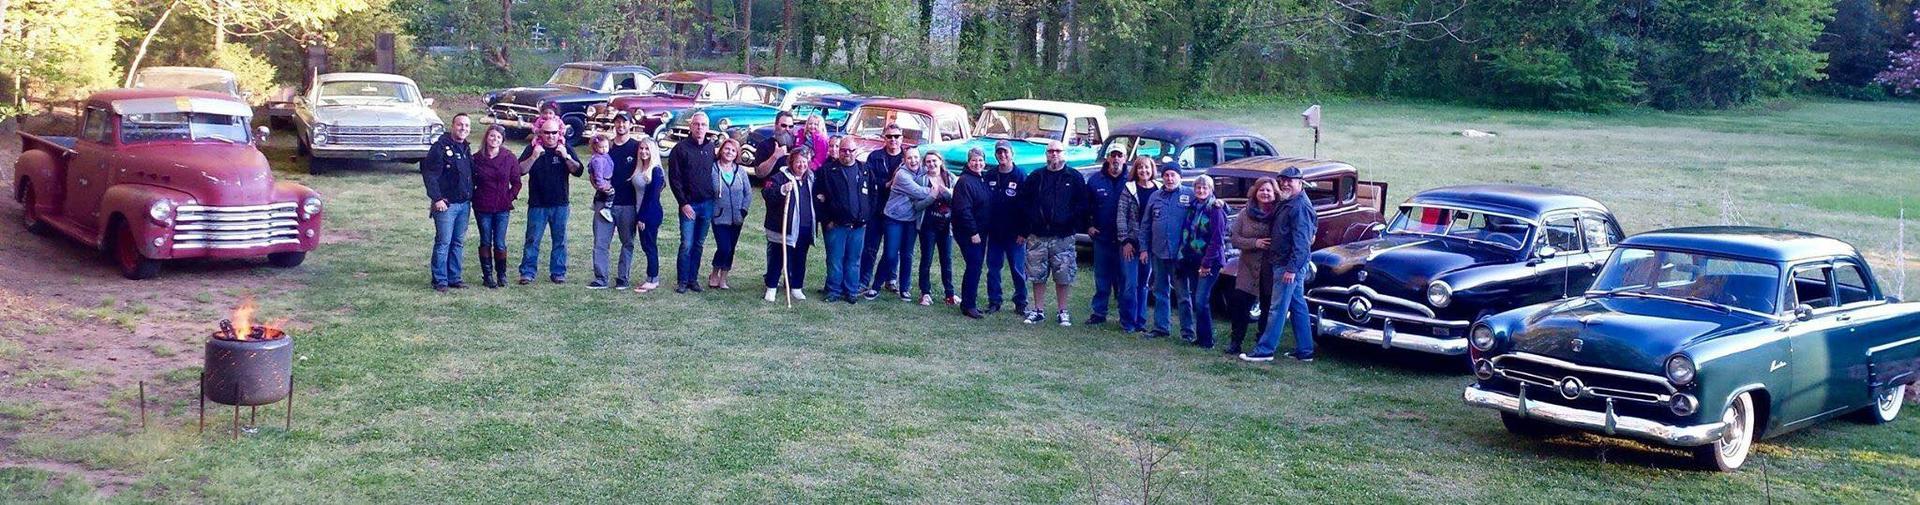 Contact Junk Yard Saints CC Junk Yard Saints Car Club, Classic ...